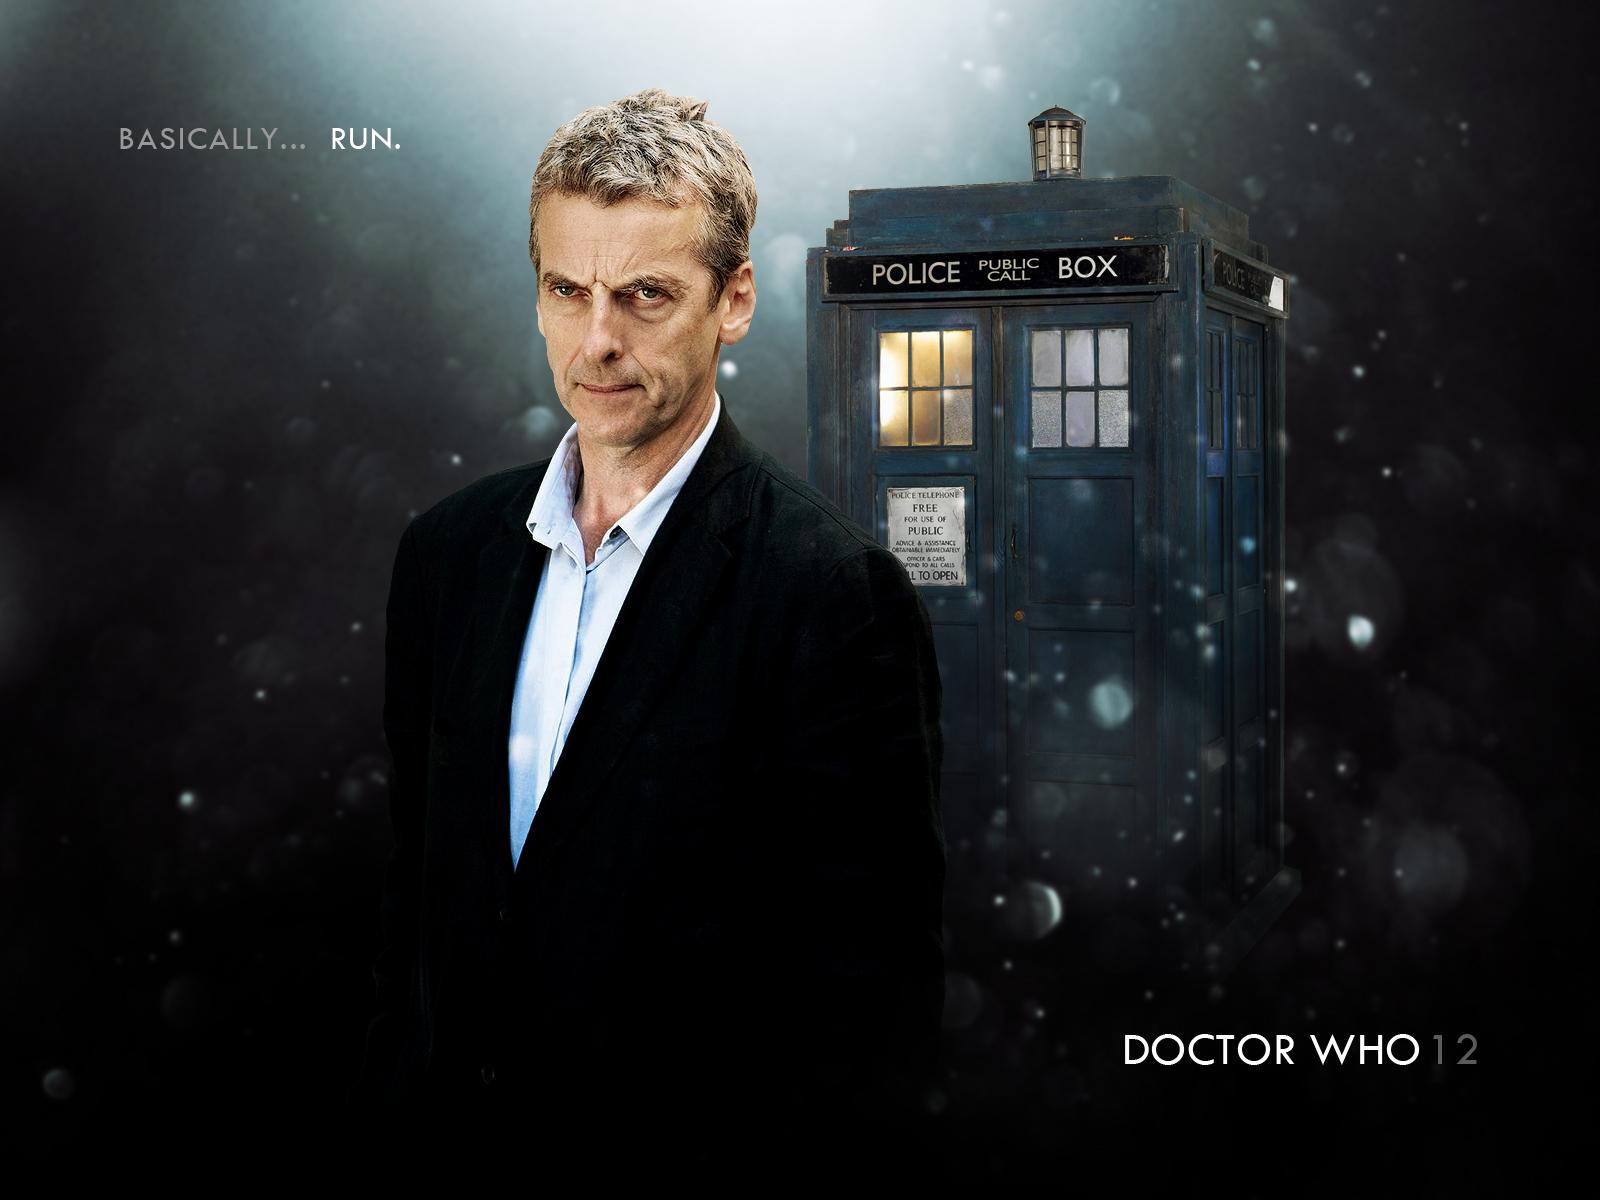 The Twelfth Doctor   The Twelfth Doctor Wallpaper 35560108 1600x1200